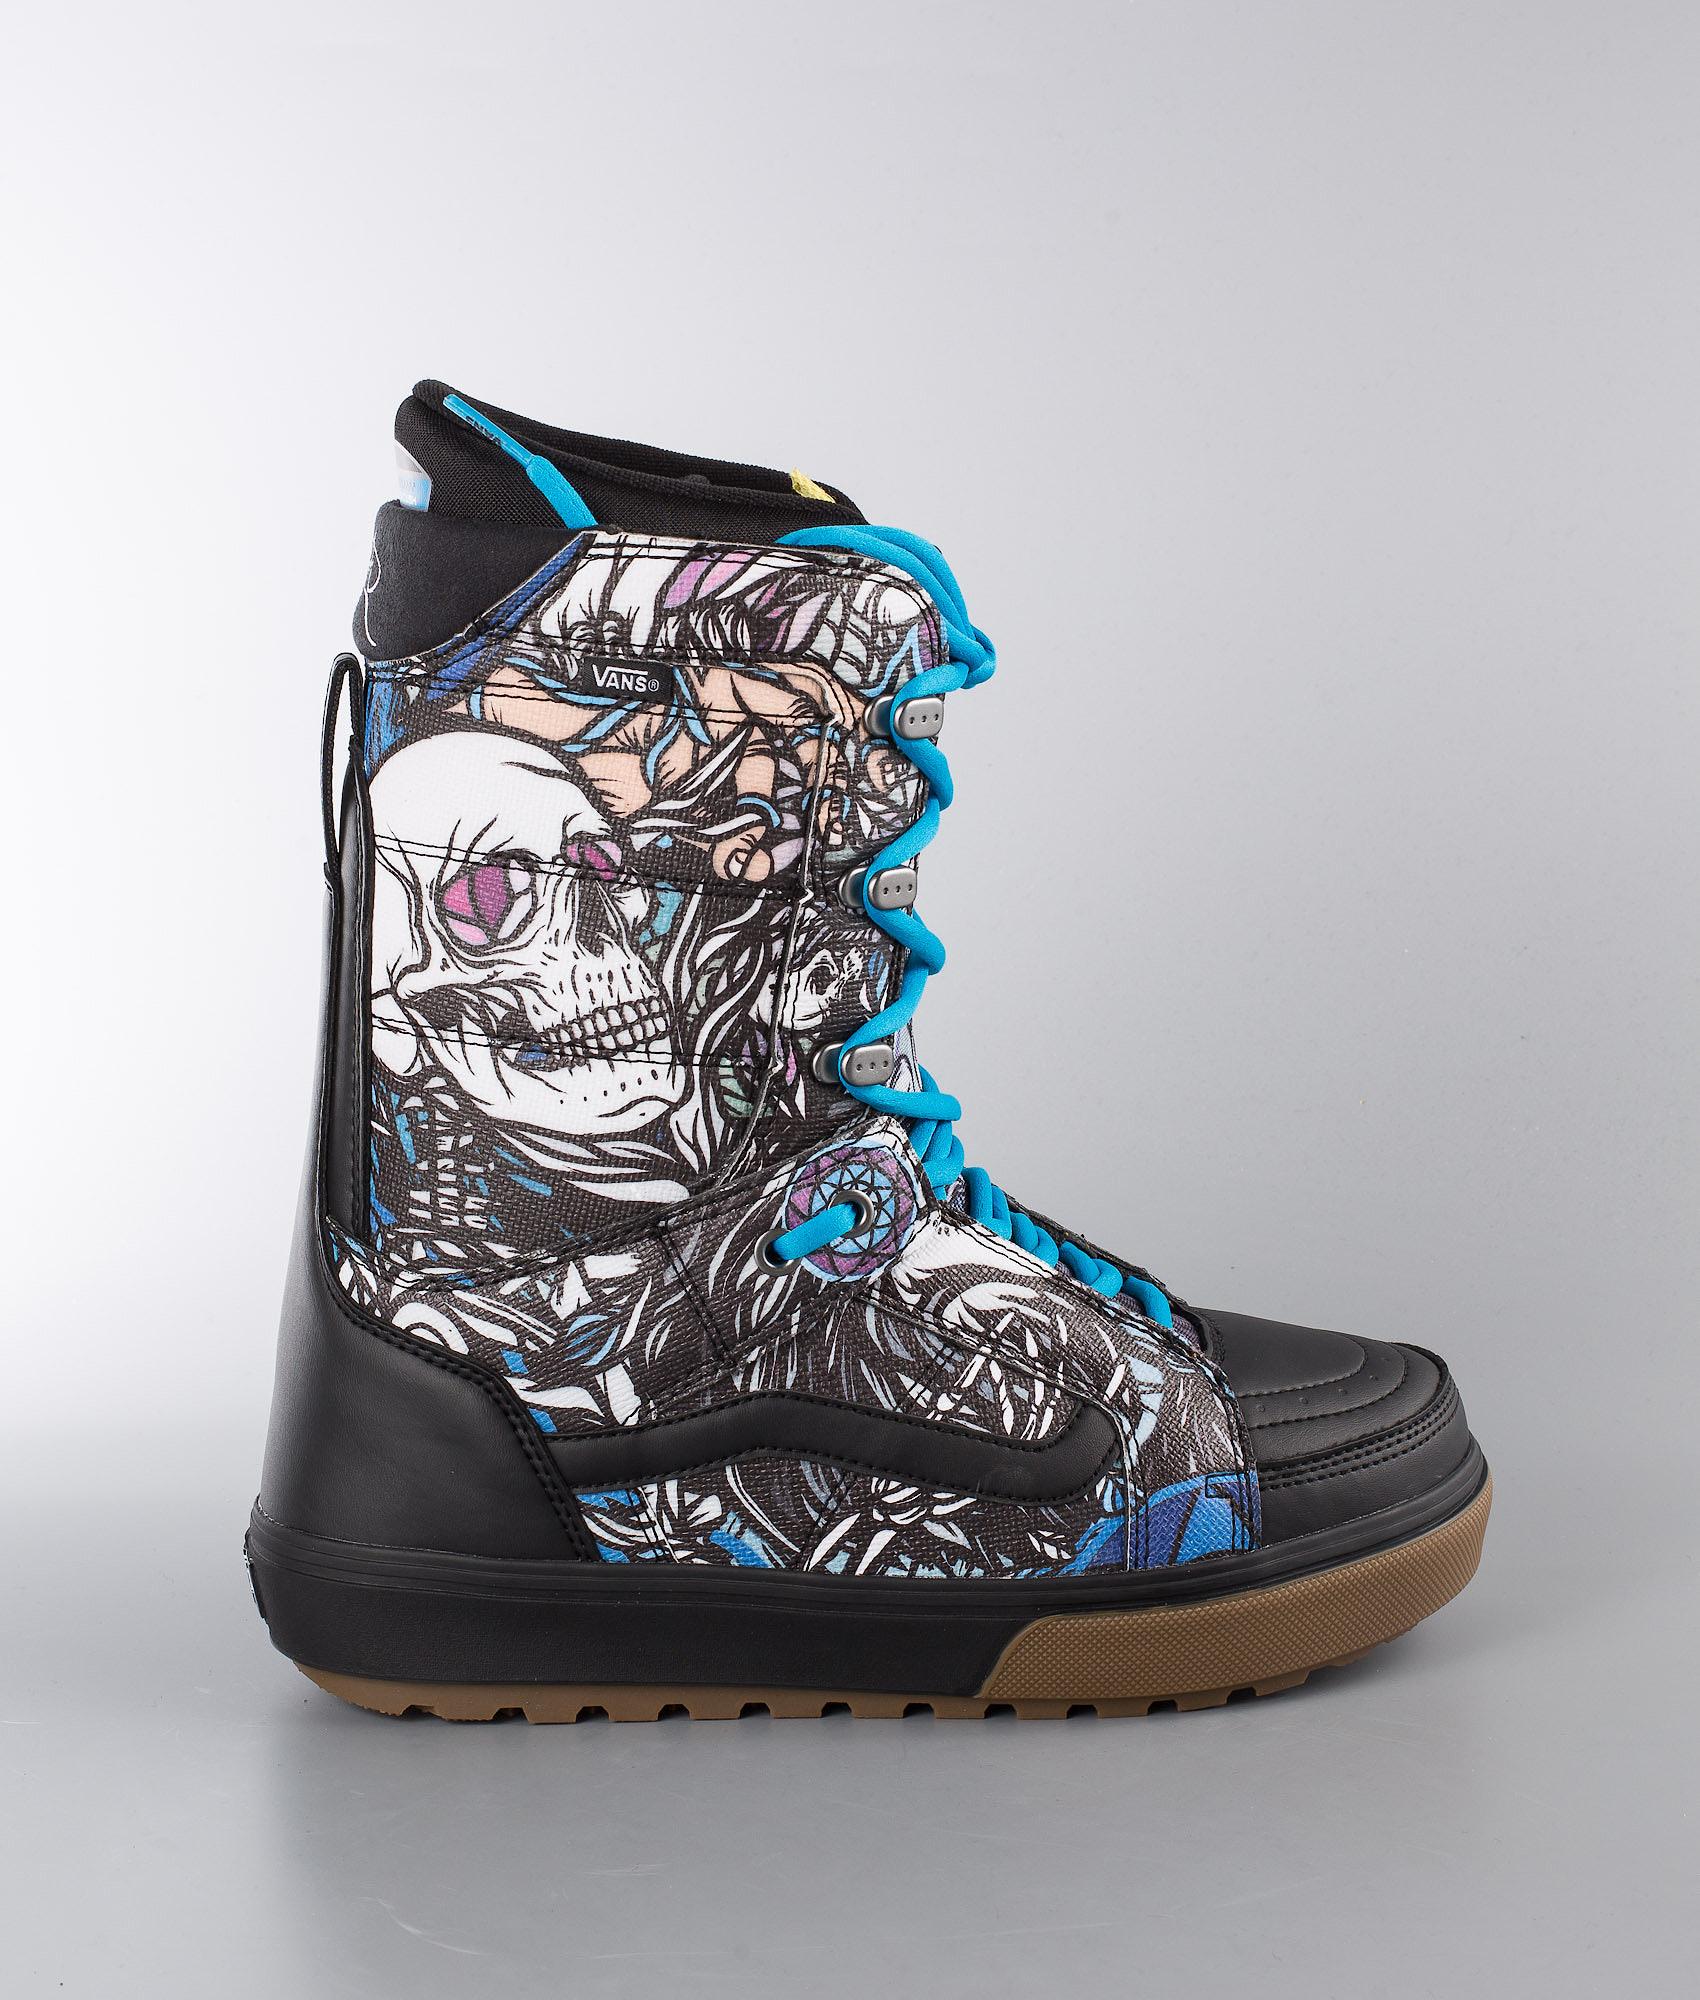 af001e628dd4 Vans Hi-Standard OG Snowboard Boots Schoph - Ridestore.com